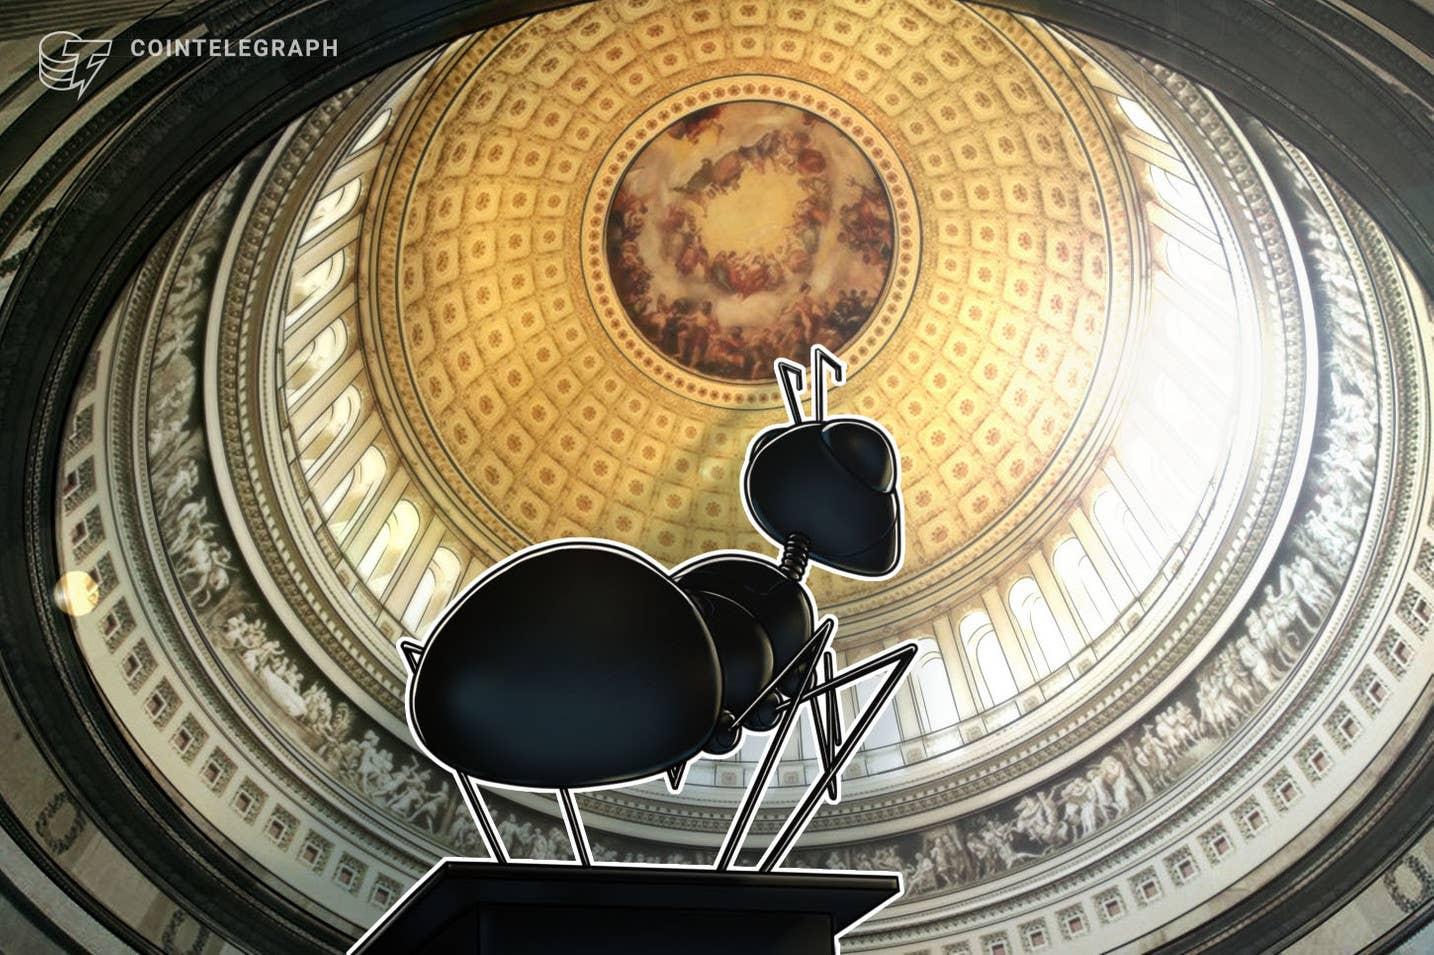 cca71e355d0f591fa07311fe799e69f8 - مجلس نمایندگان آمریکا هفته آینده حکم لایحه زیرساخت ها را صادر می کند